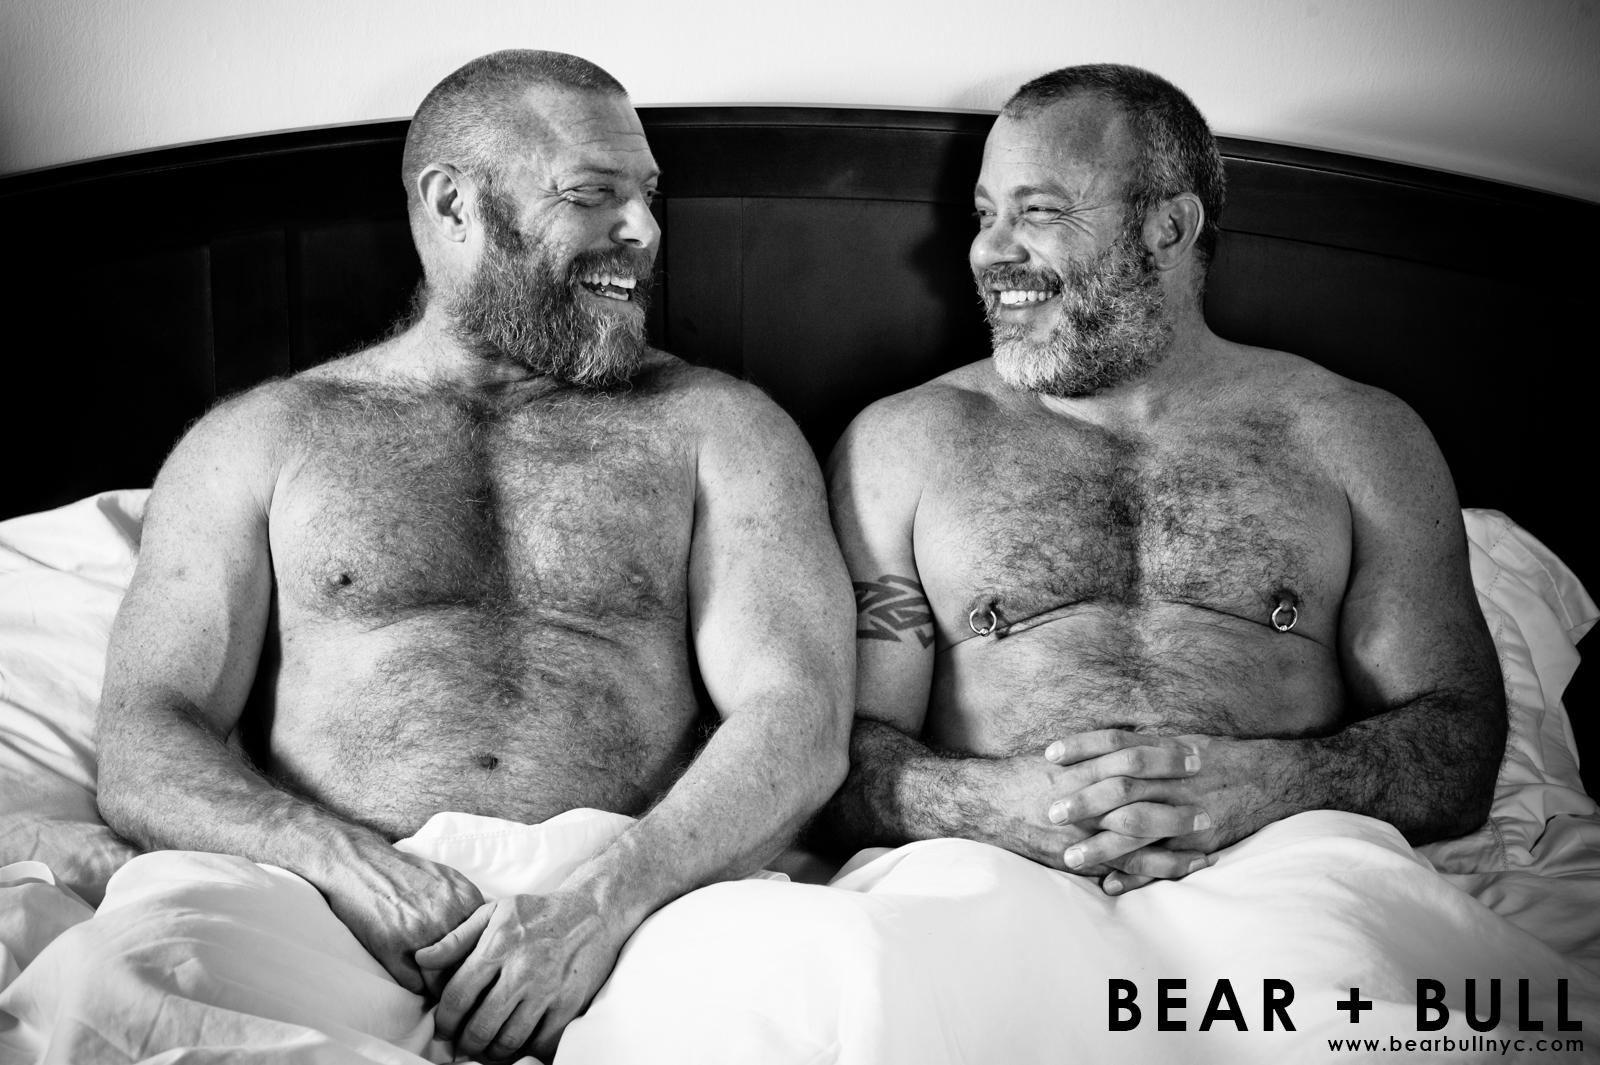 www nøgen køn sexet lesbisk sygeplejerske porno